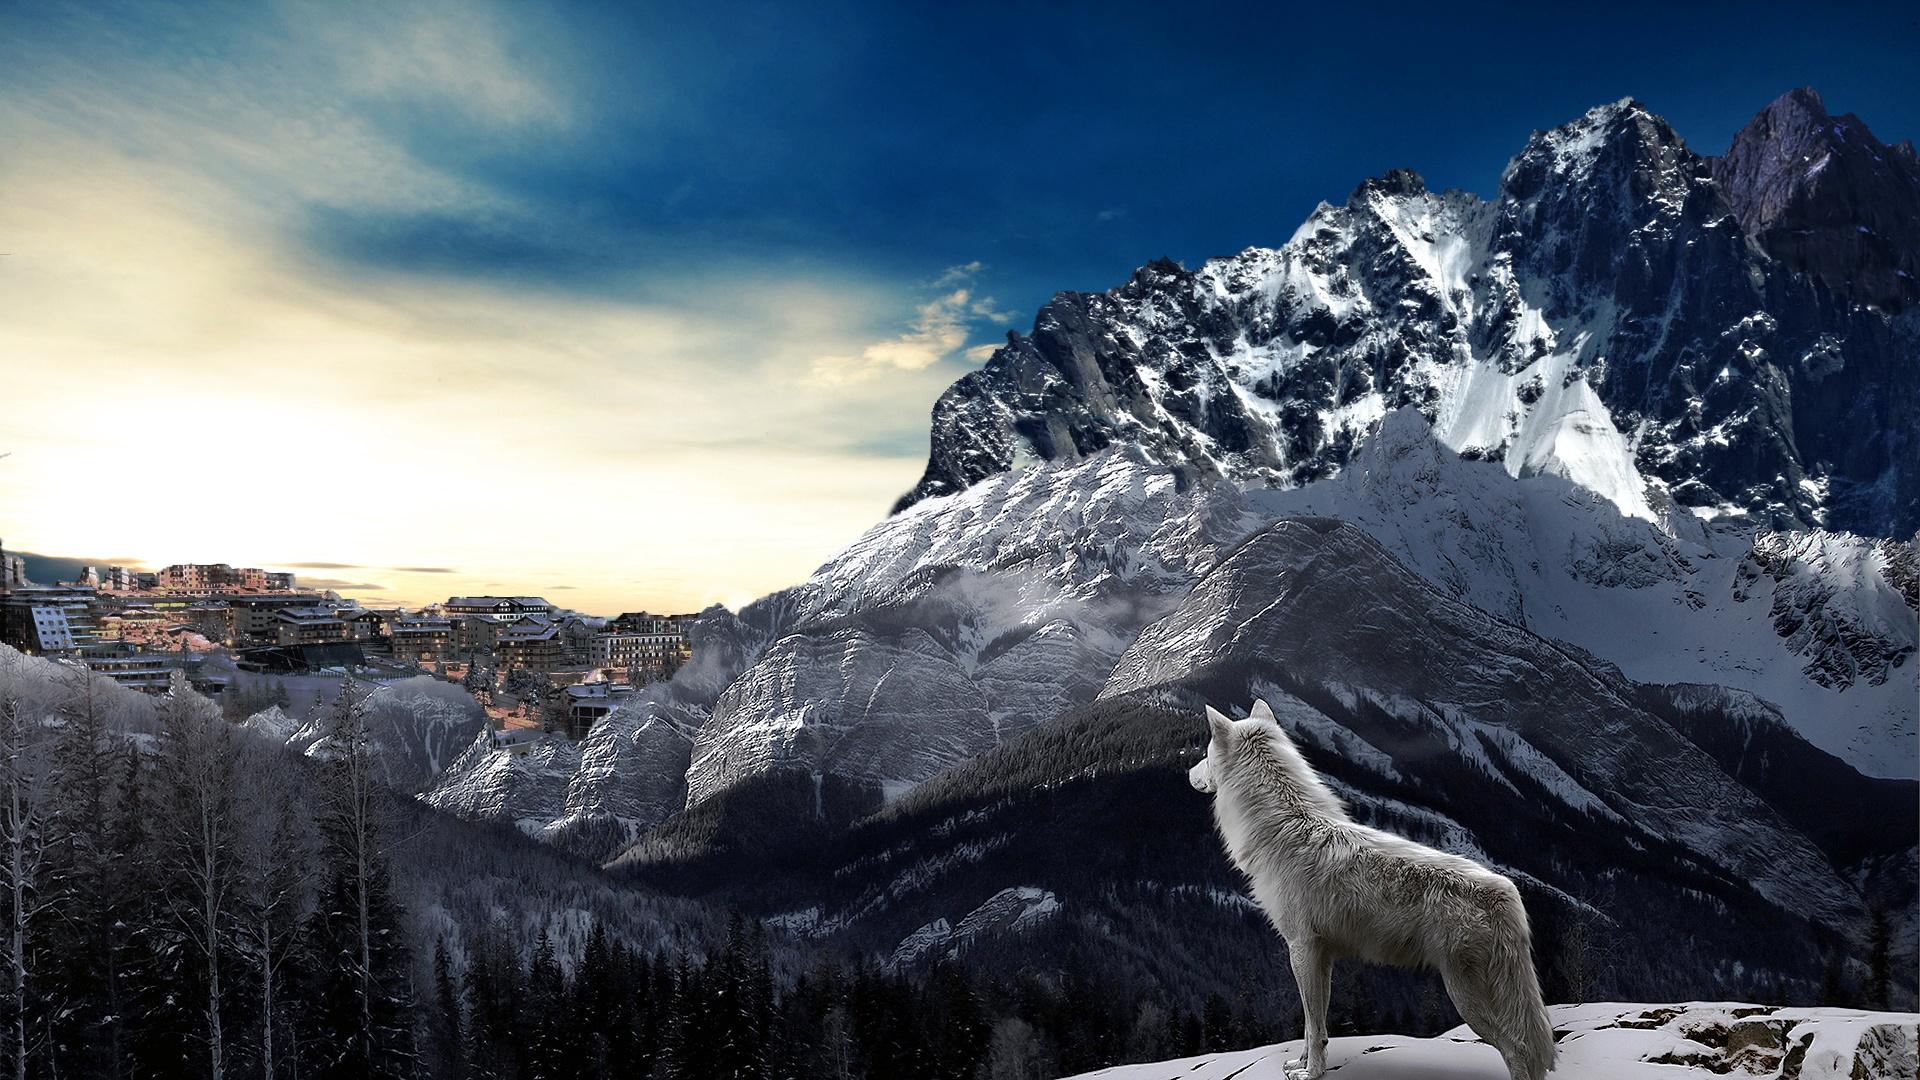 вероятно, произошло картинки волк и горы бывает такое, что